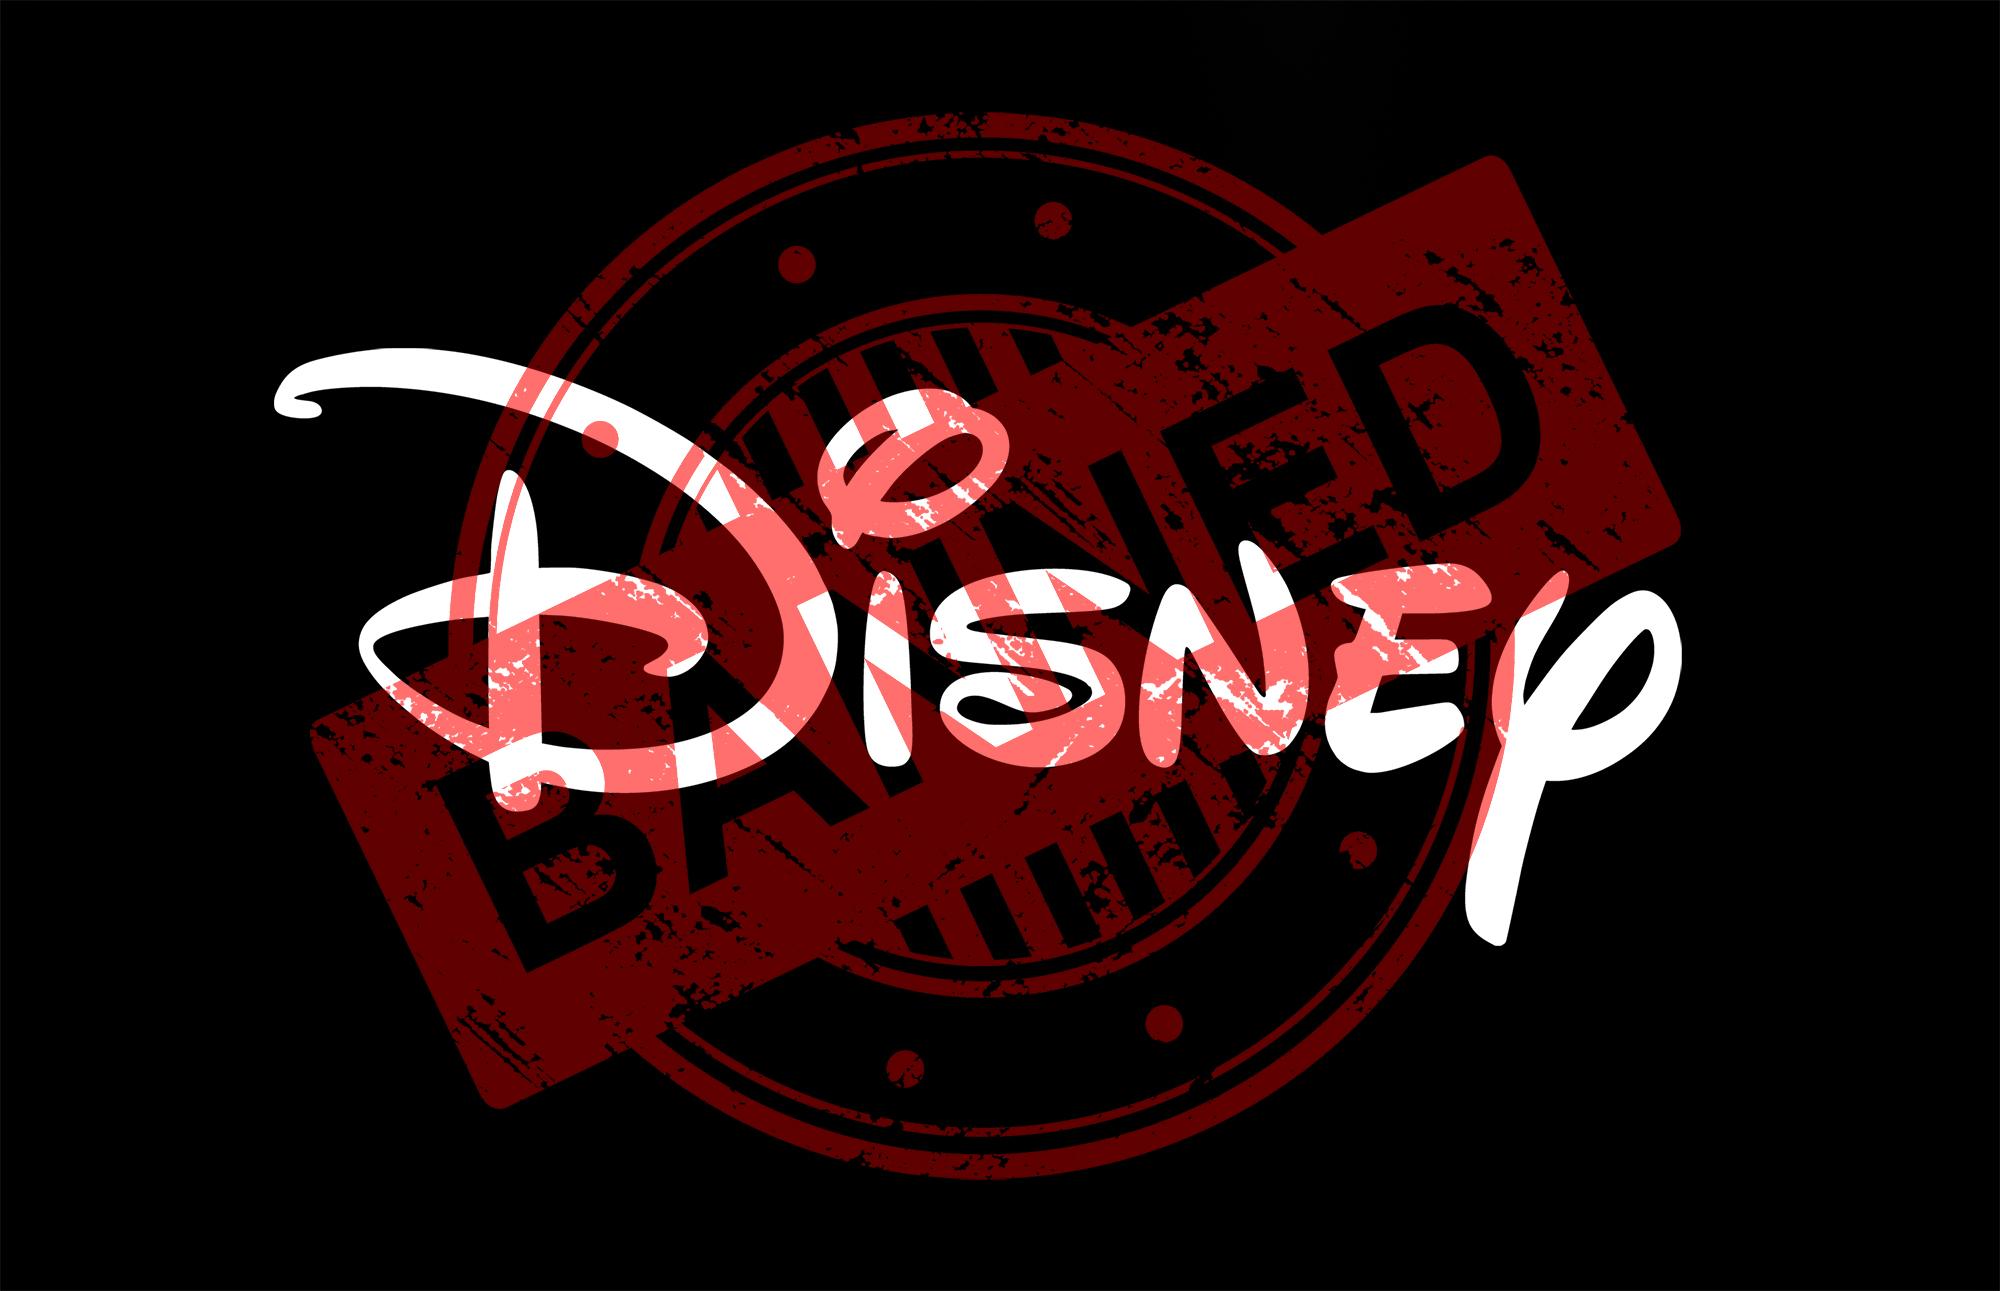 Banned By Disney Movie Club